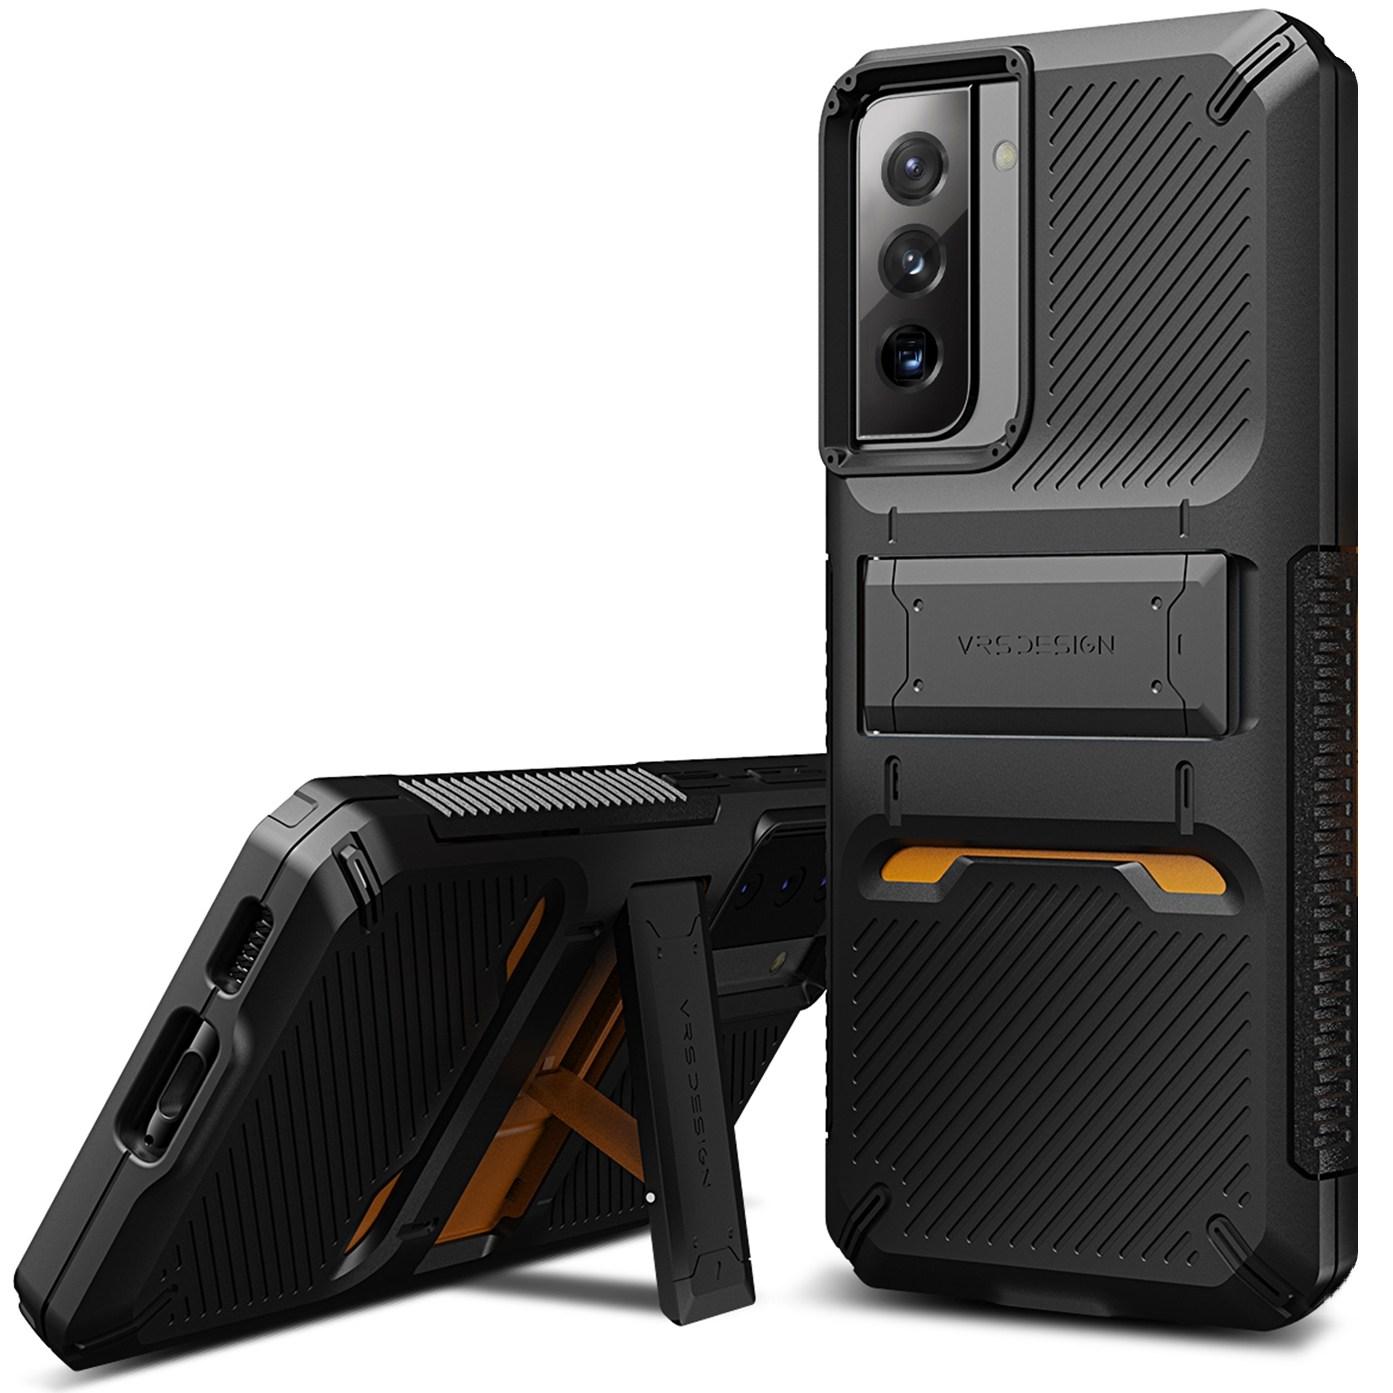 베루스 원터치 퀵스탠드 프로 휴대폰케이스